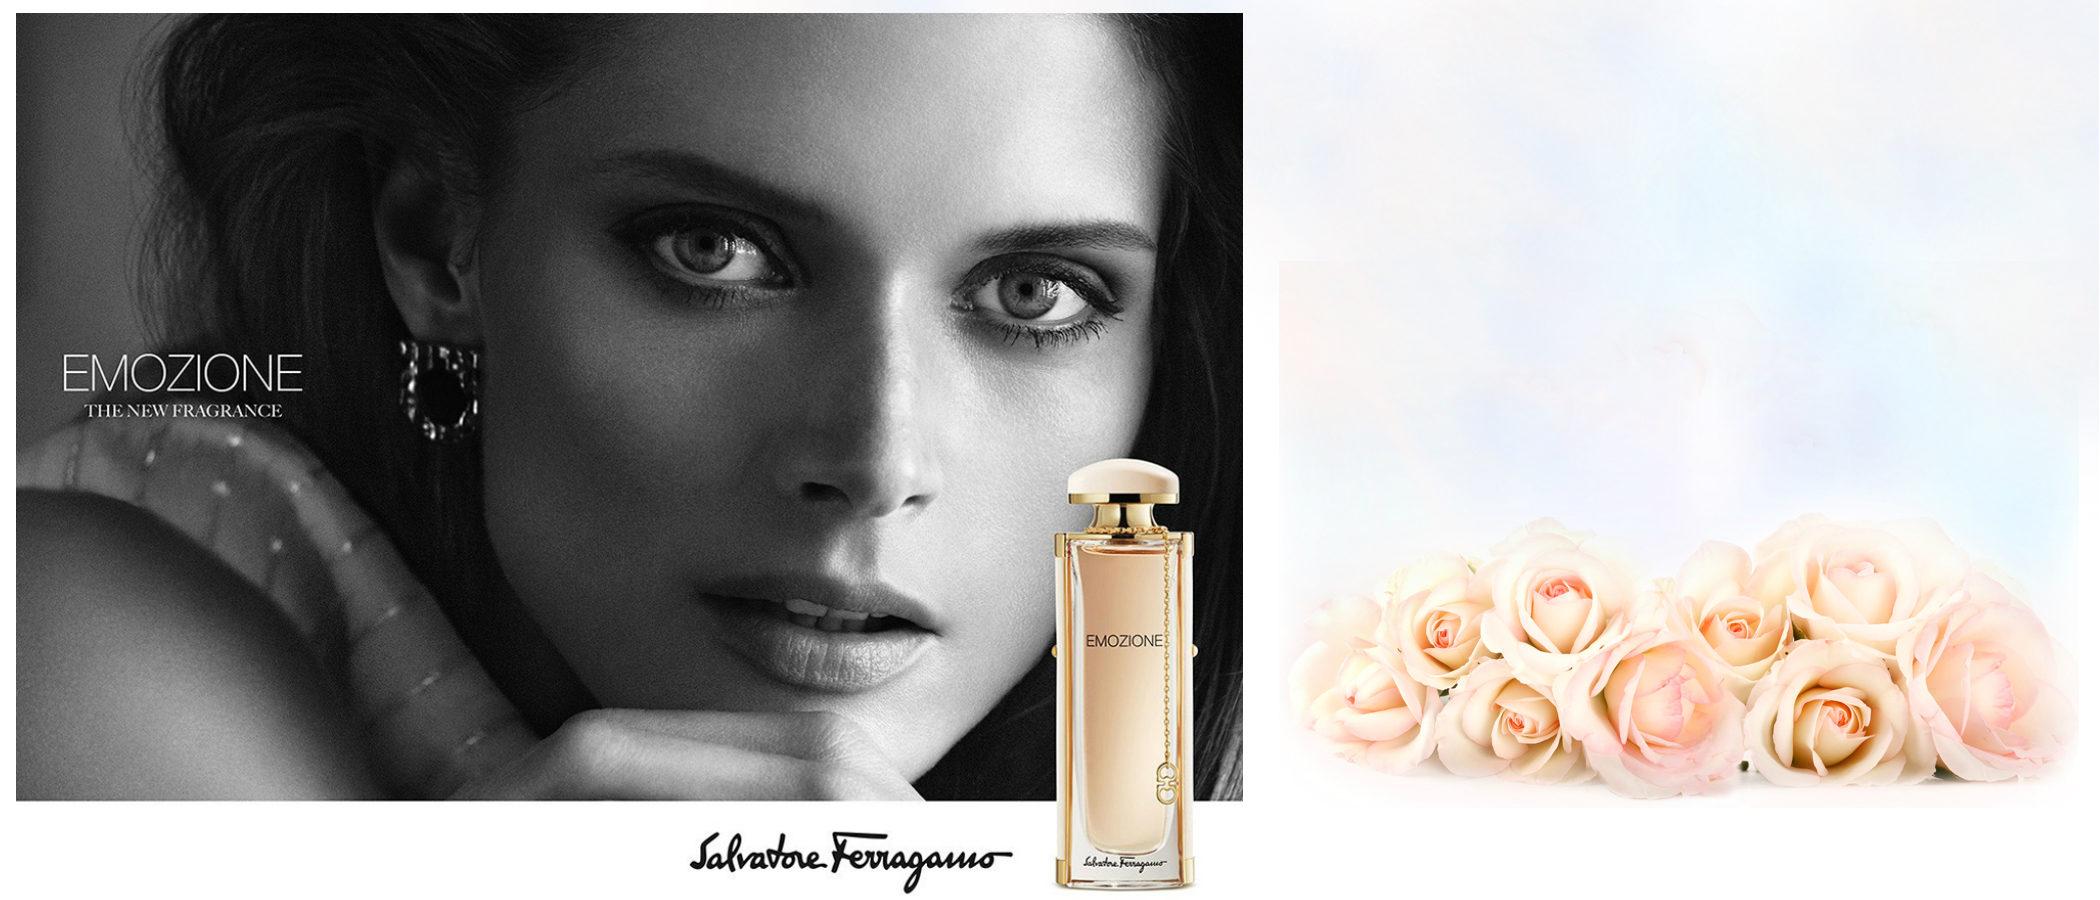 Salvatore Ferragamo presenta 'Emozione Rosa Orientale', la nueva edición de su perfume 'Emozione'